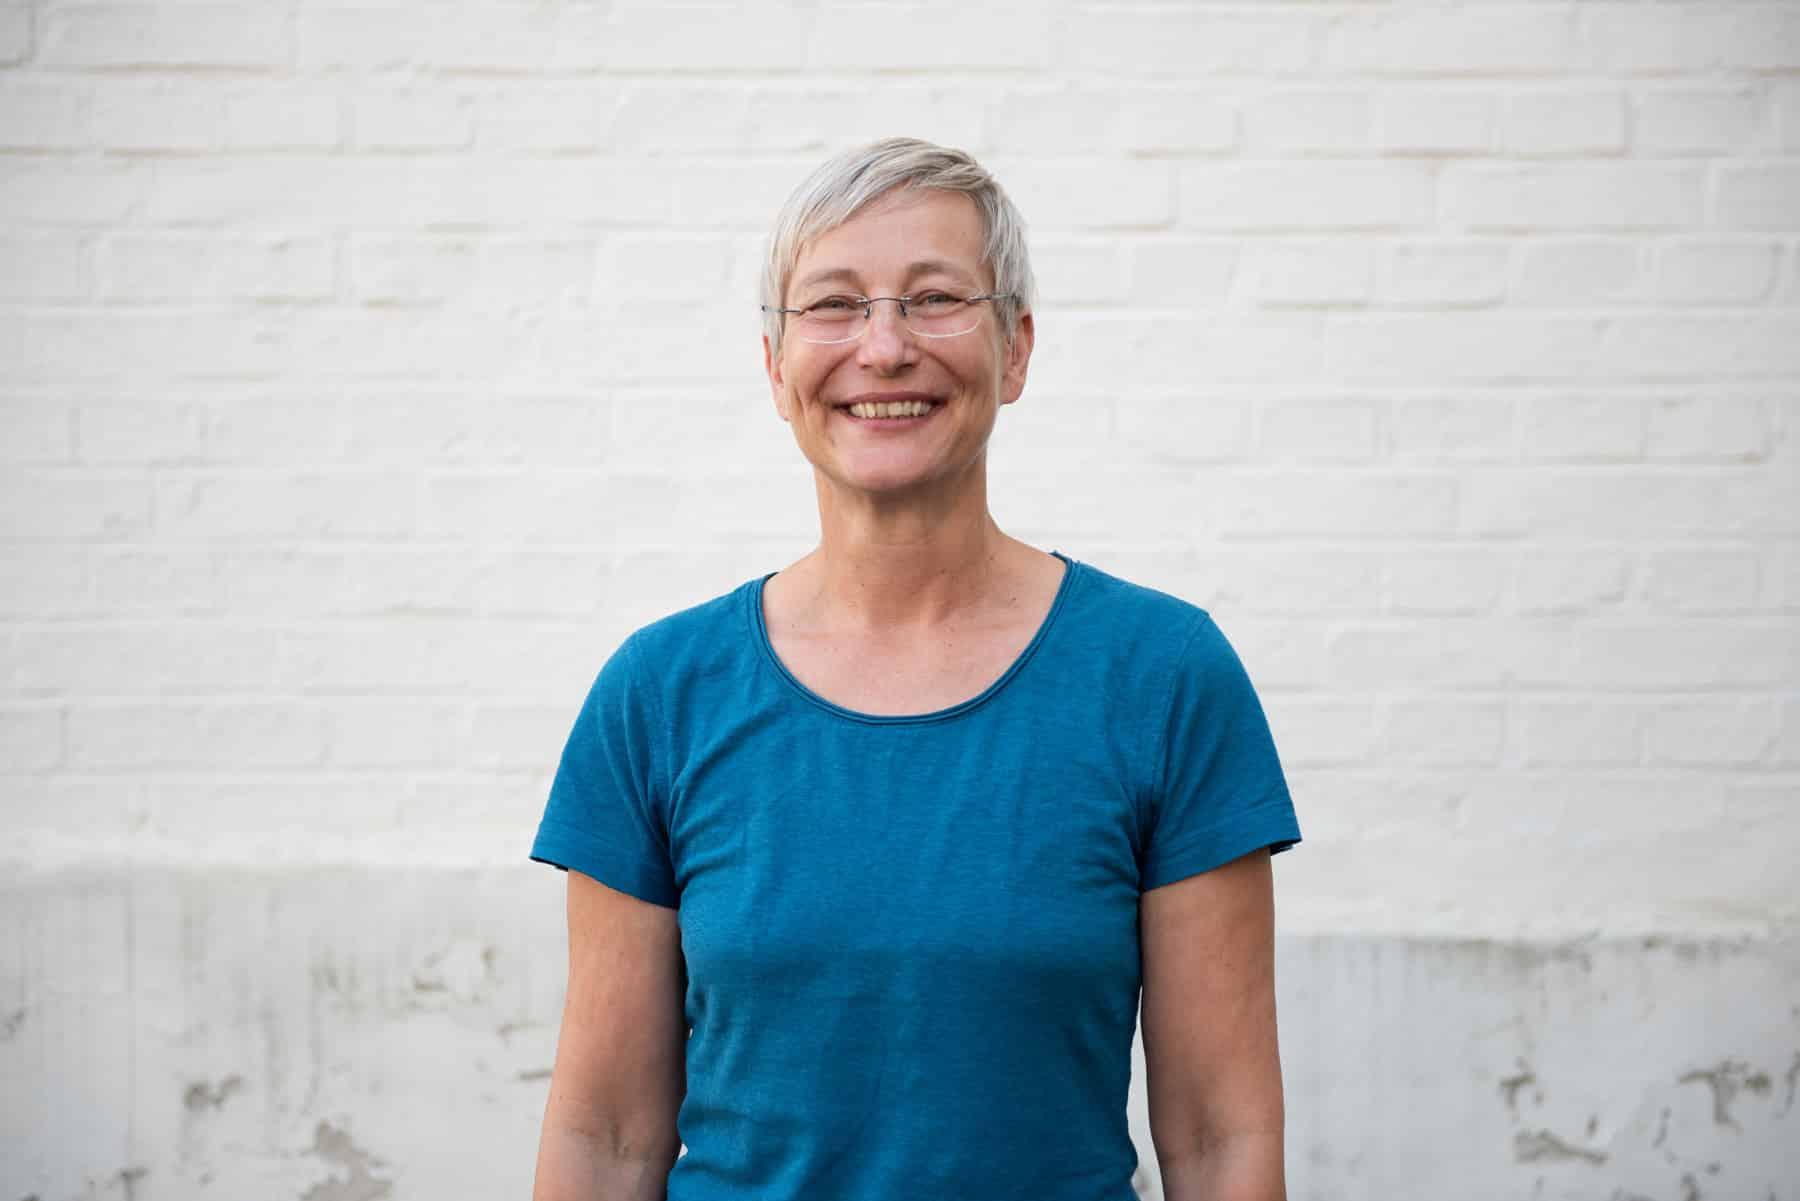 Profilbild Susanne Czerwinski